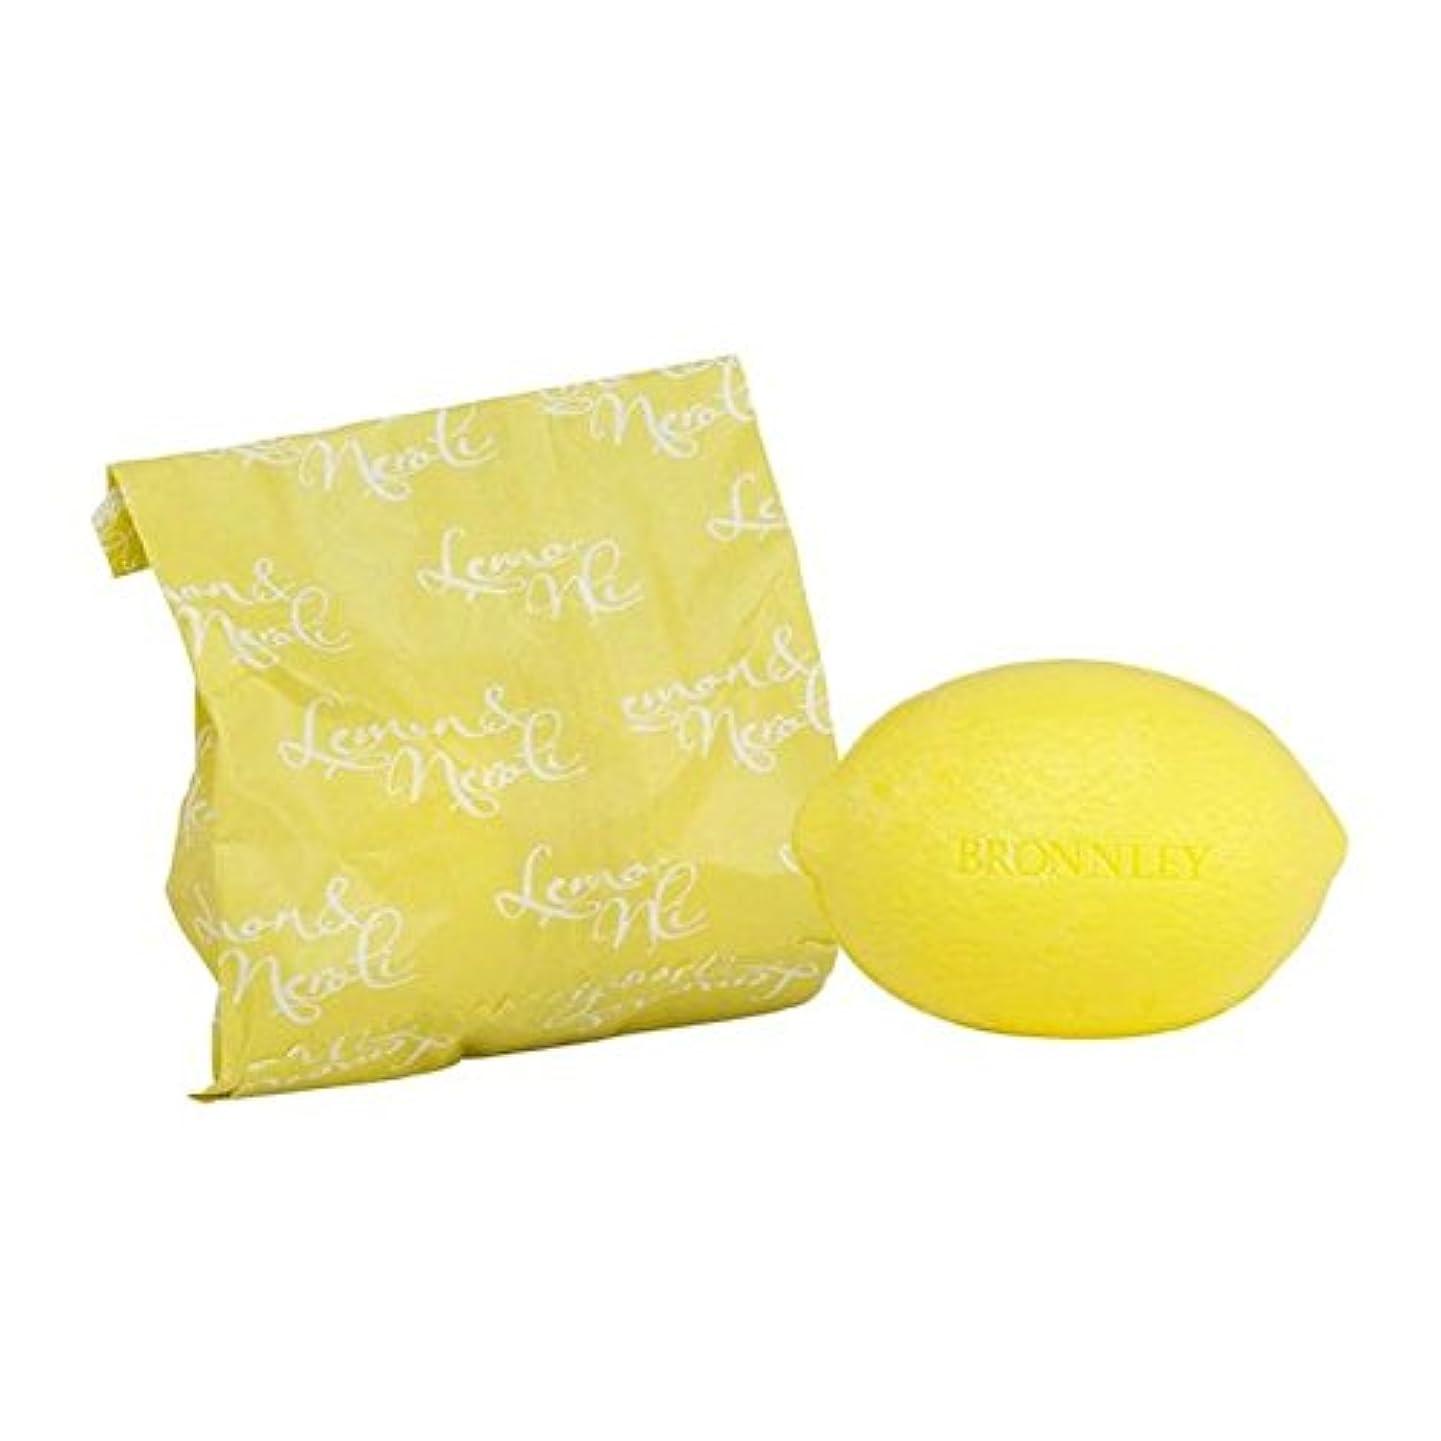 破産簡単な欠点Bronnley Lemon & Neroli Soap 100g (Pack of 6) - レモン&ネロリ石鹸100グラム x6 [並行輸入品]